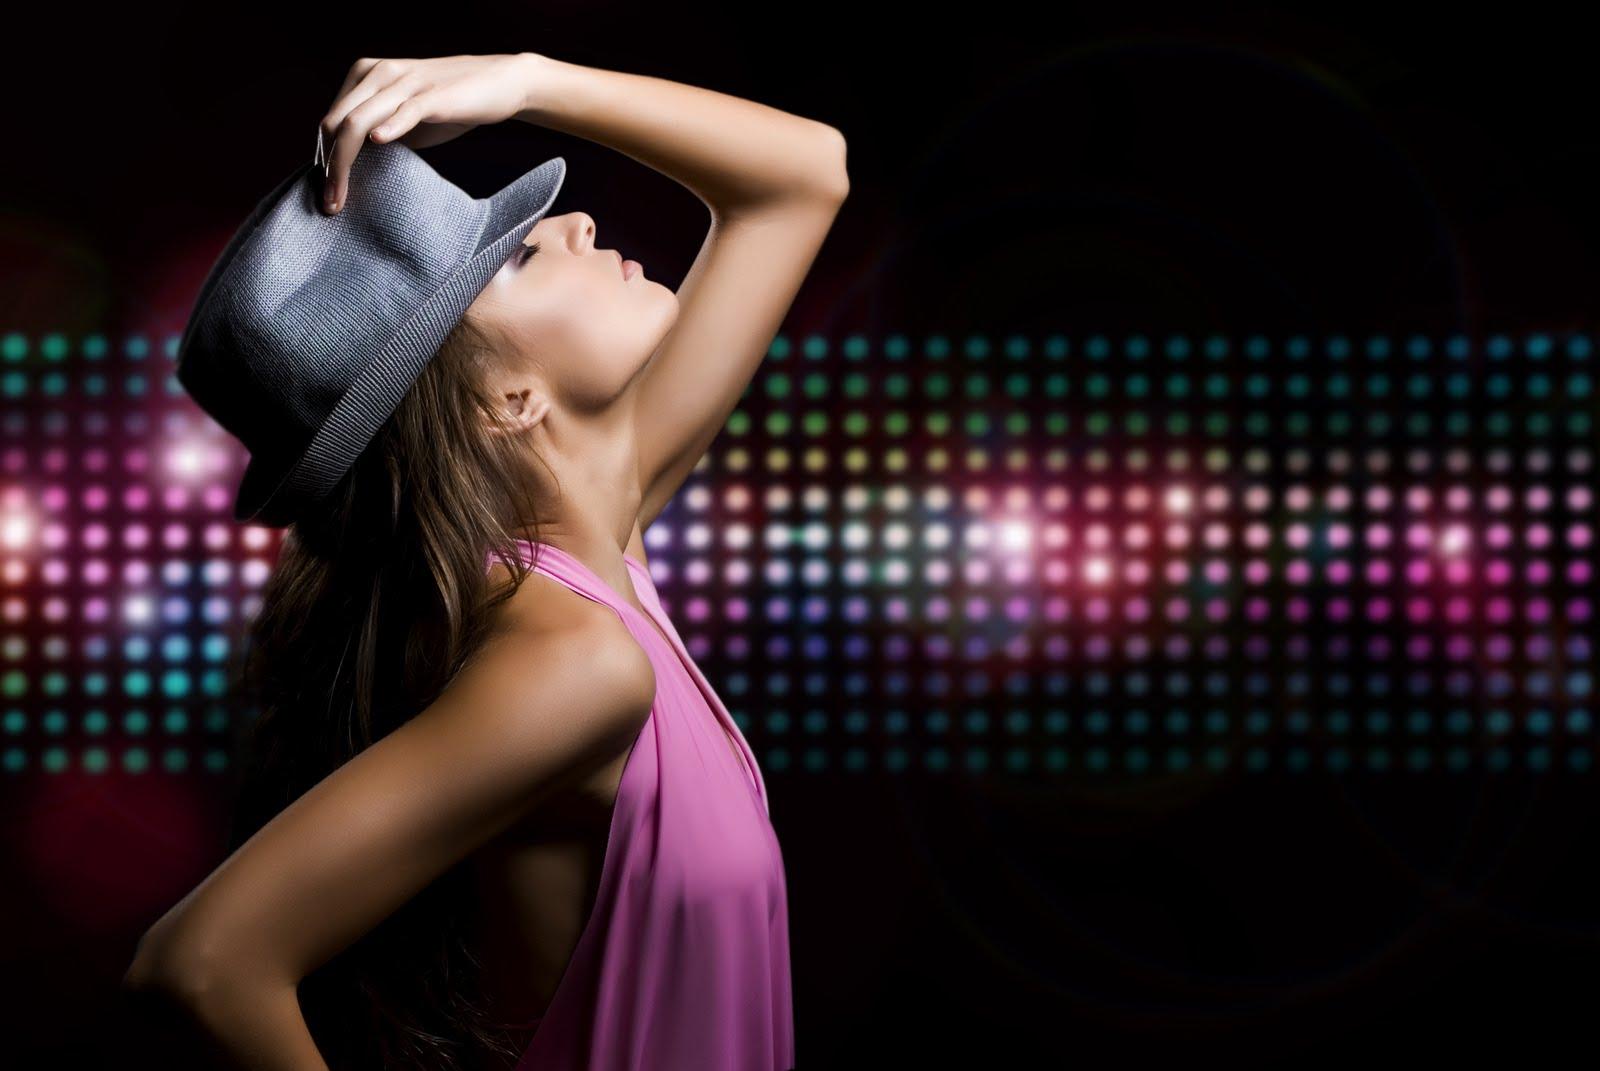 Смотреть бесплатно стриптиз в ночном клубе сити в дзержинске 10 фотография